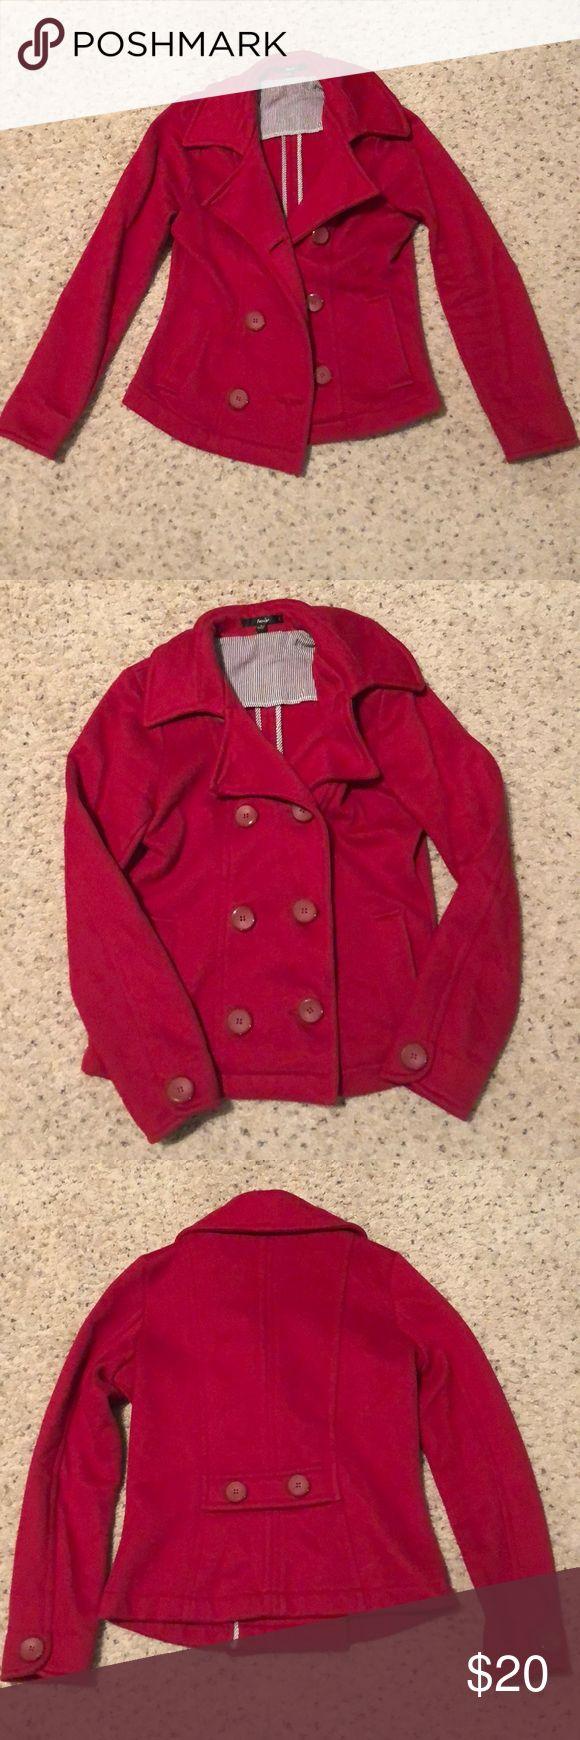 Red pea coat Red button down pea coat Jackets & Coats Pea Coats